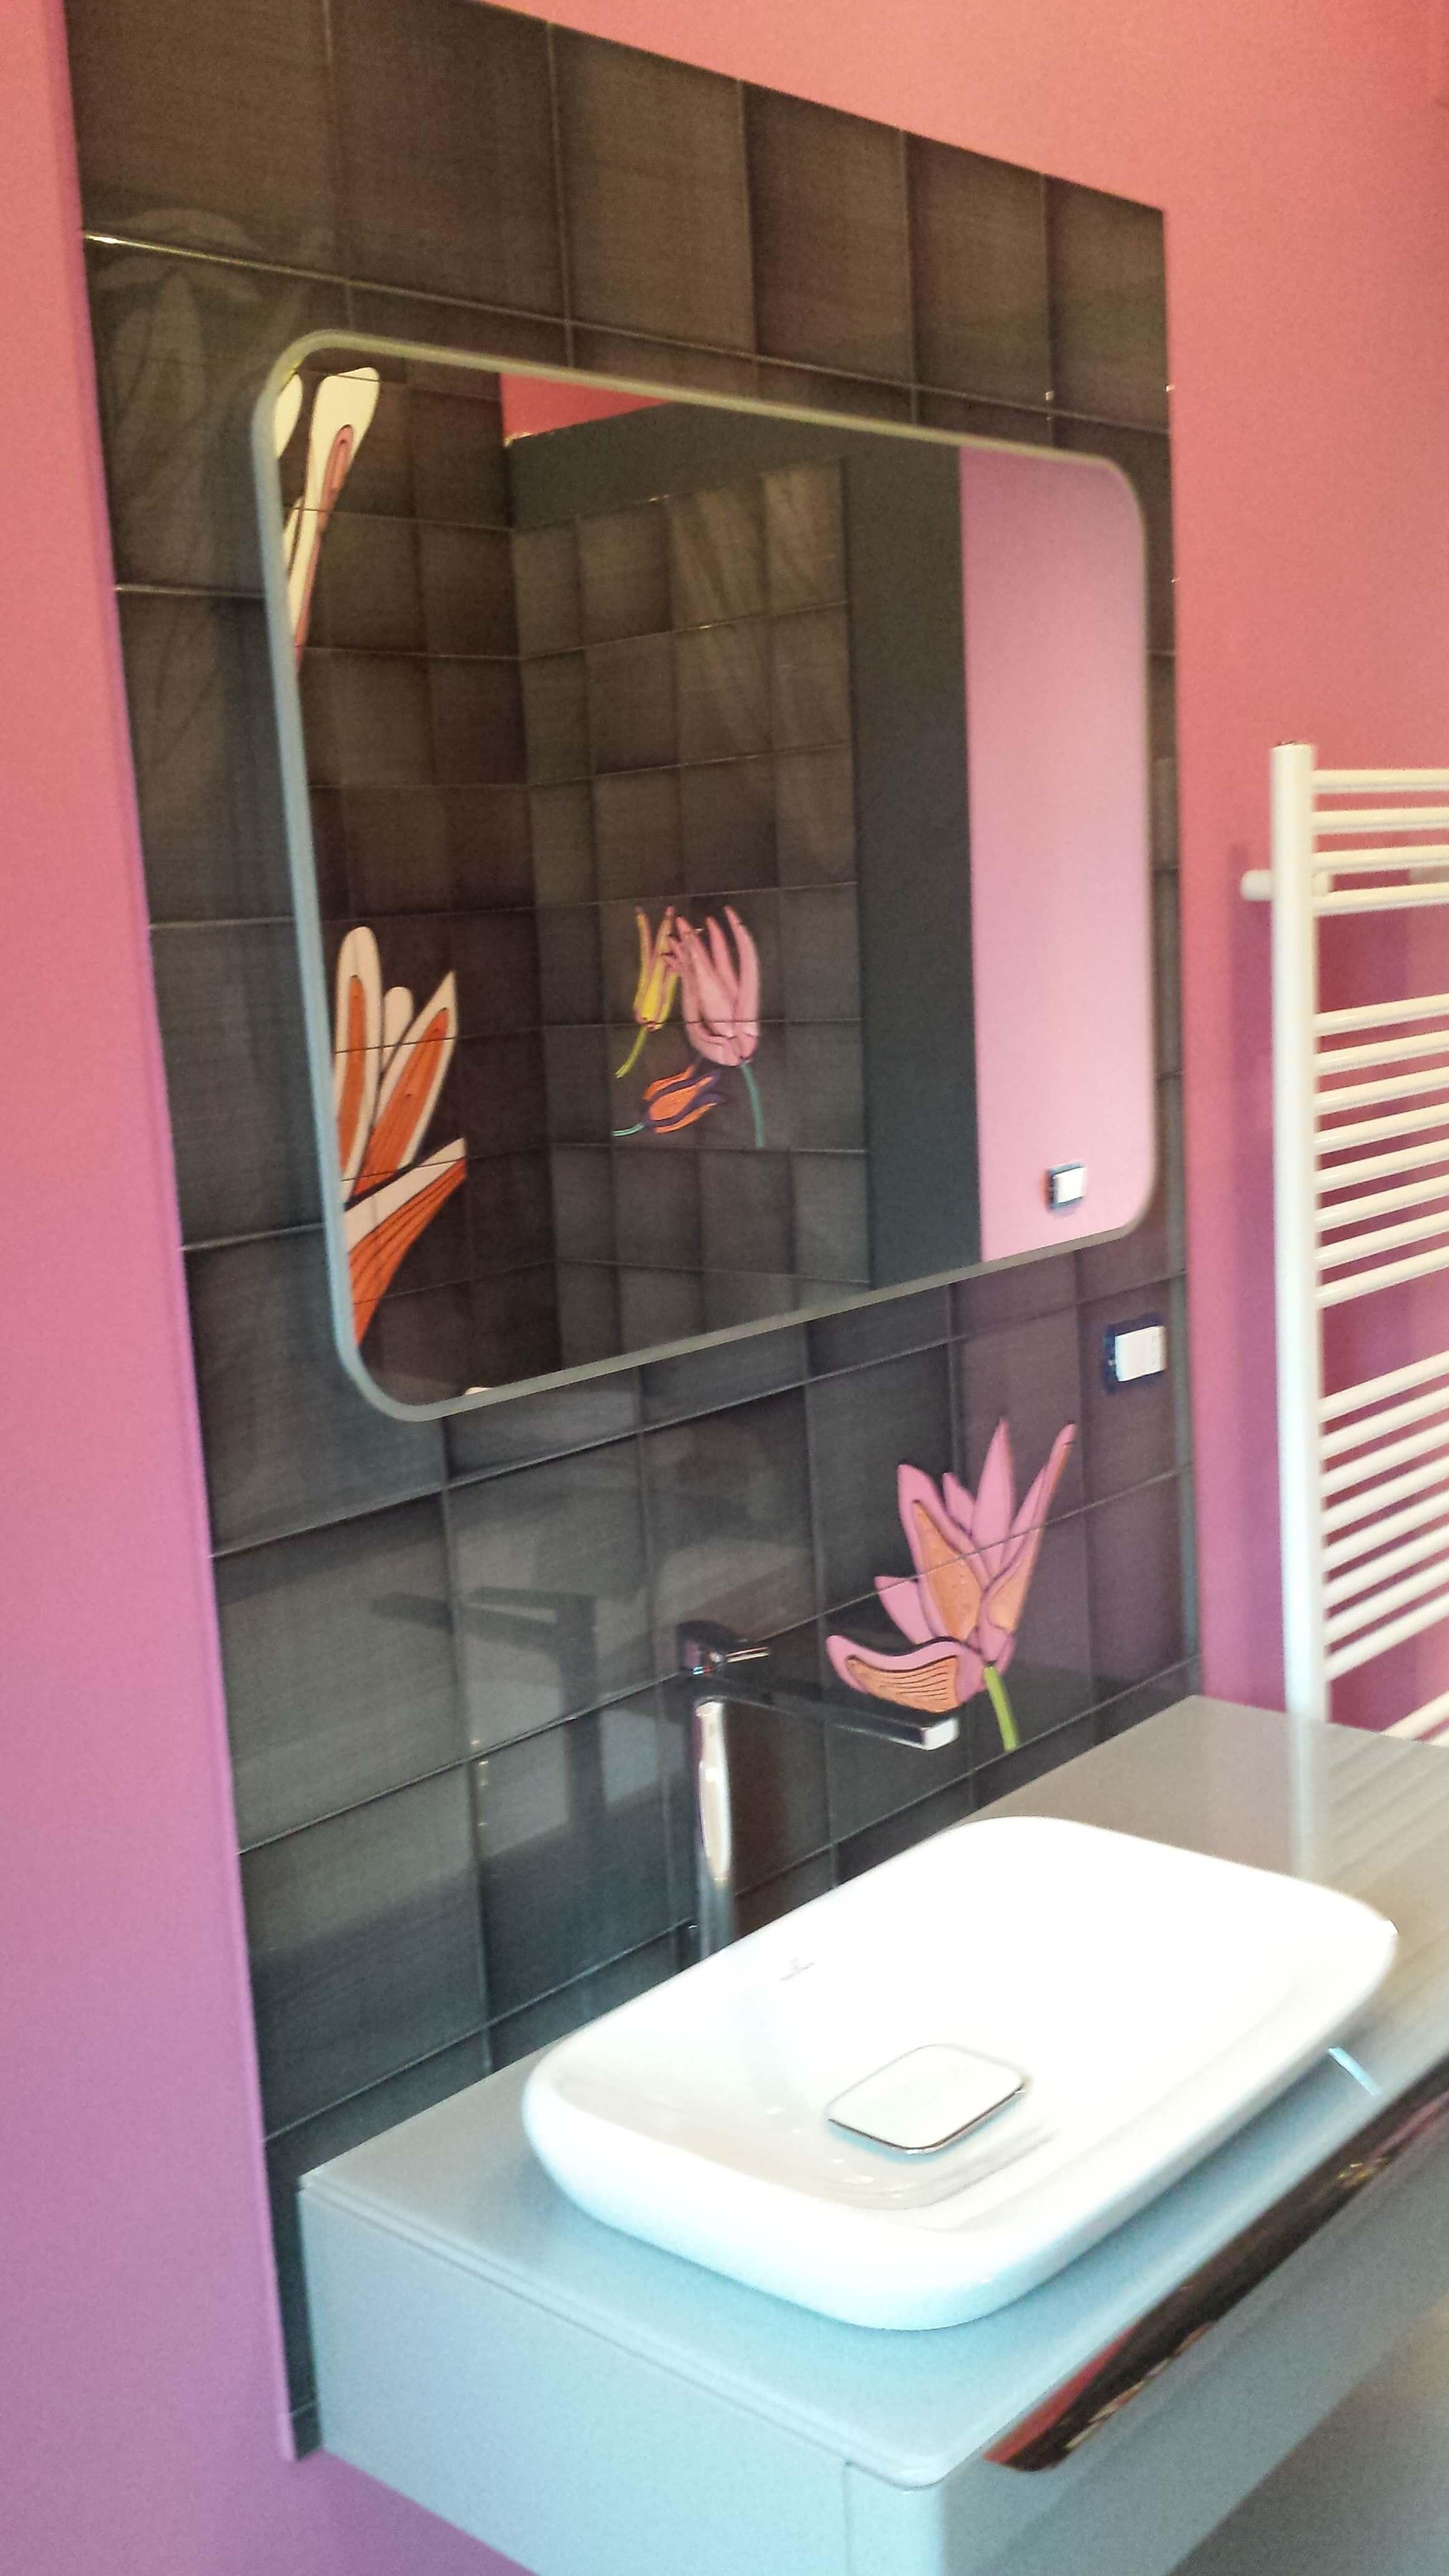 bagno con pareti rosa piastrelle nere e fiori, lavabo bianco